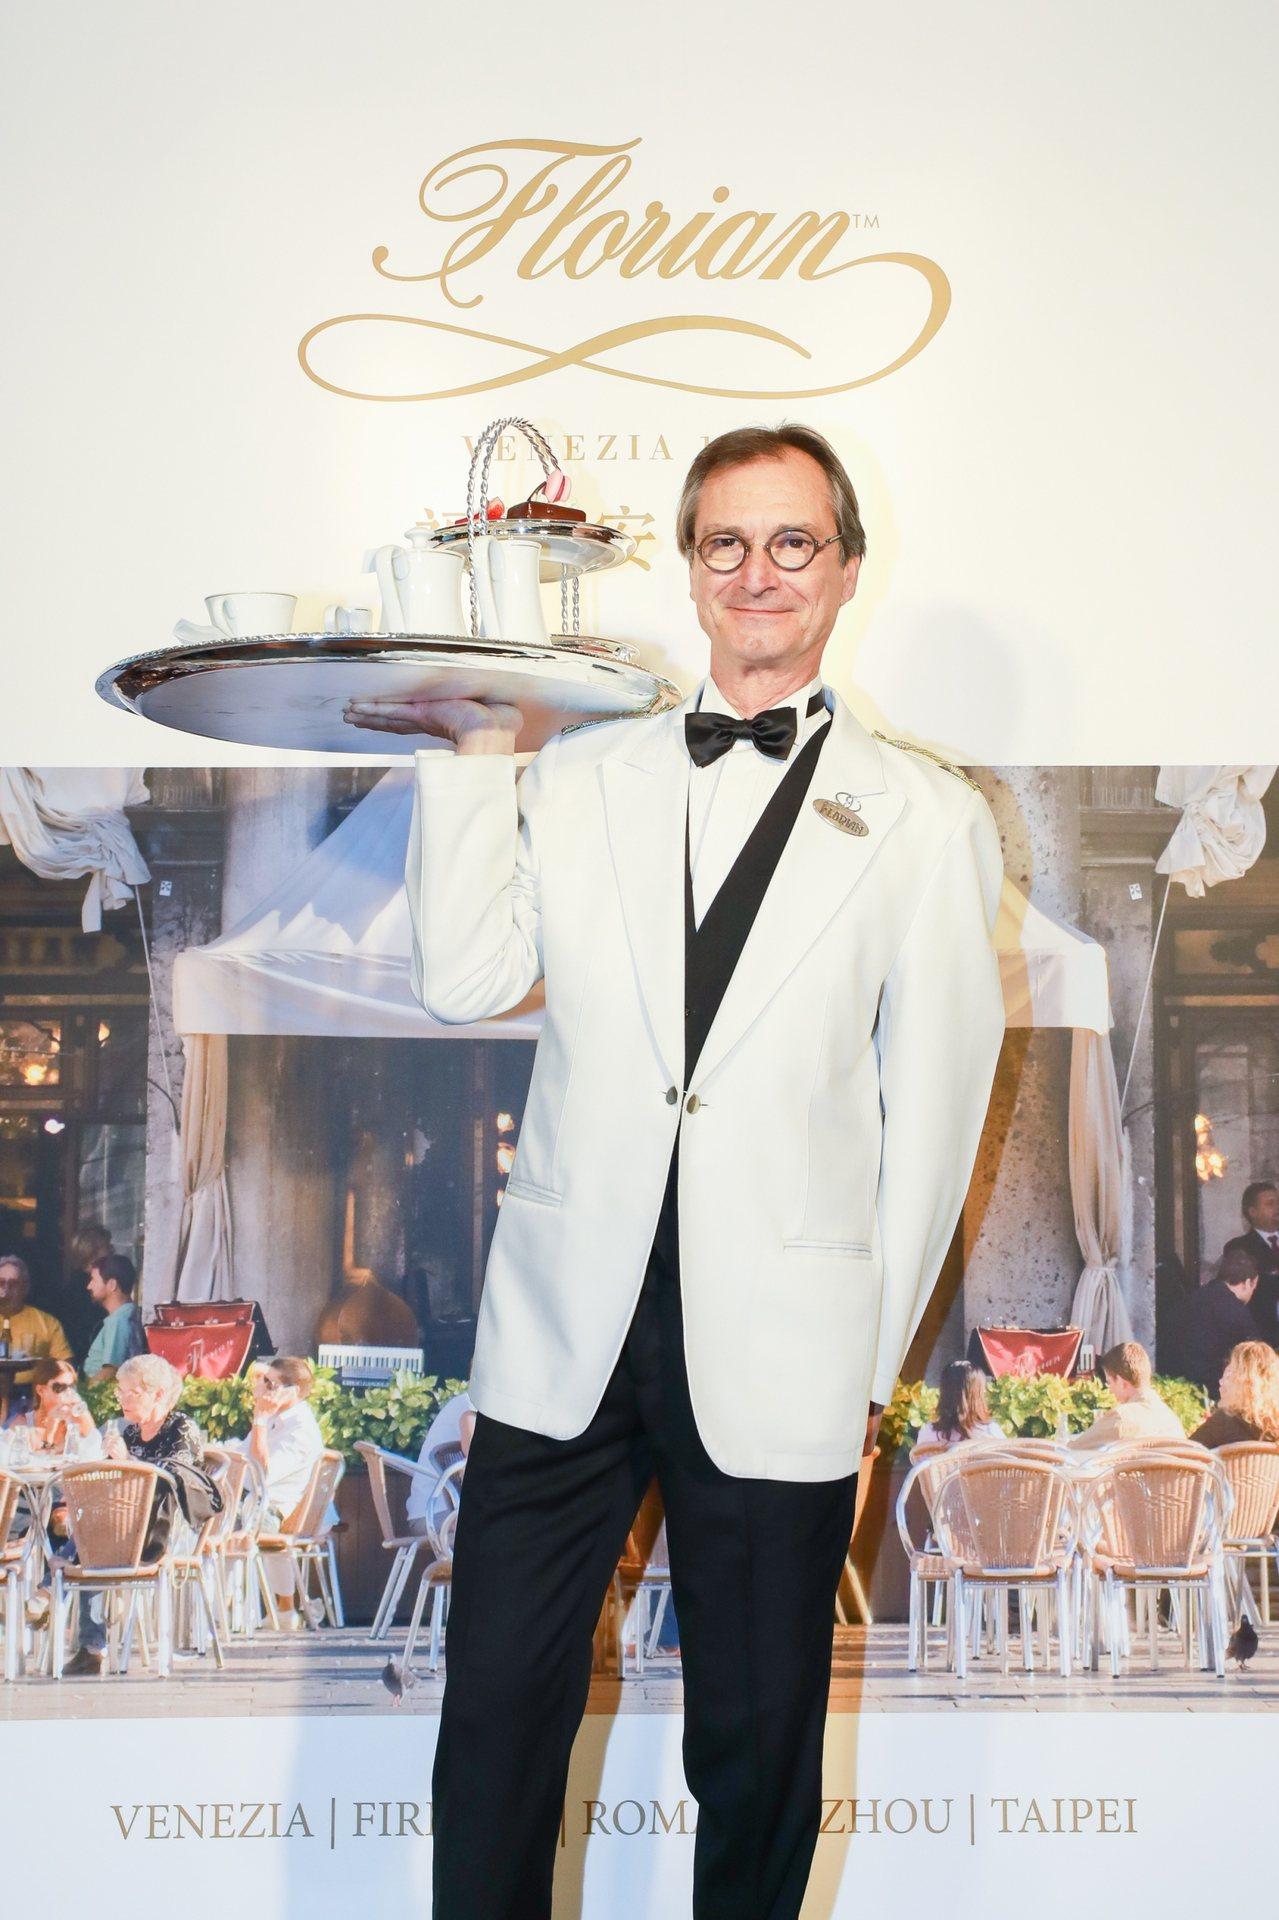 威尼斯本店服務員示範銀製托盤服務。圖/福里安花神提供